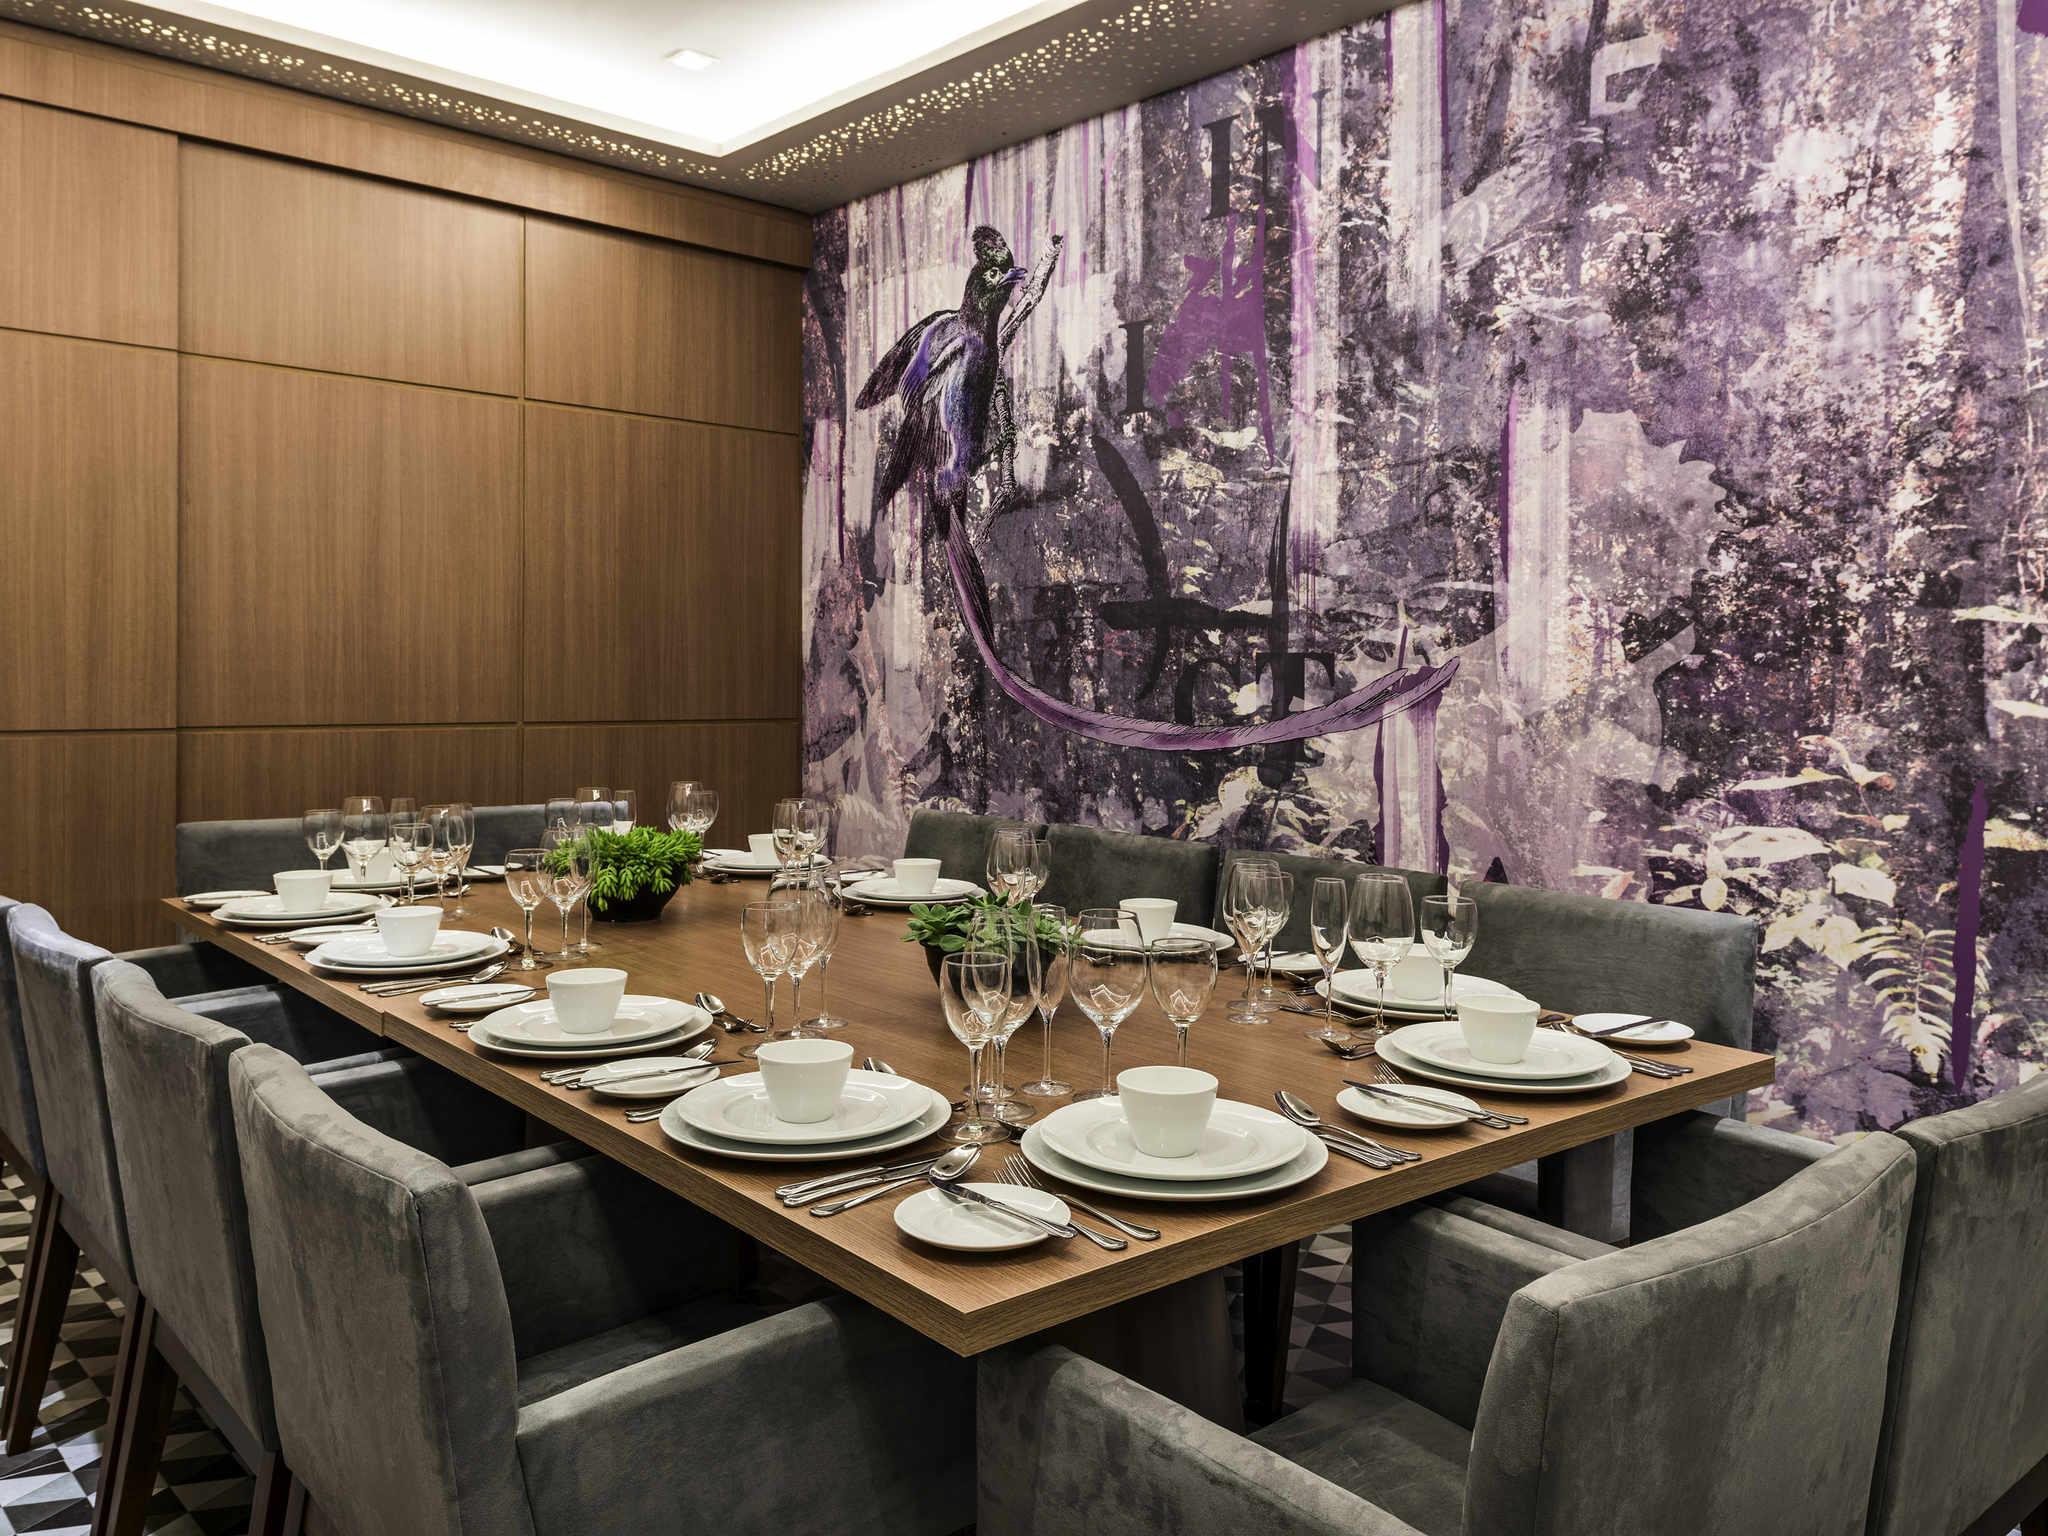 Hotel in RIO DE JANEIRO - Novotel RJ Botafogo